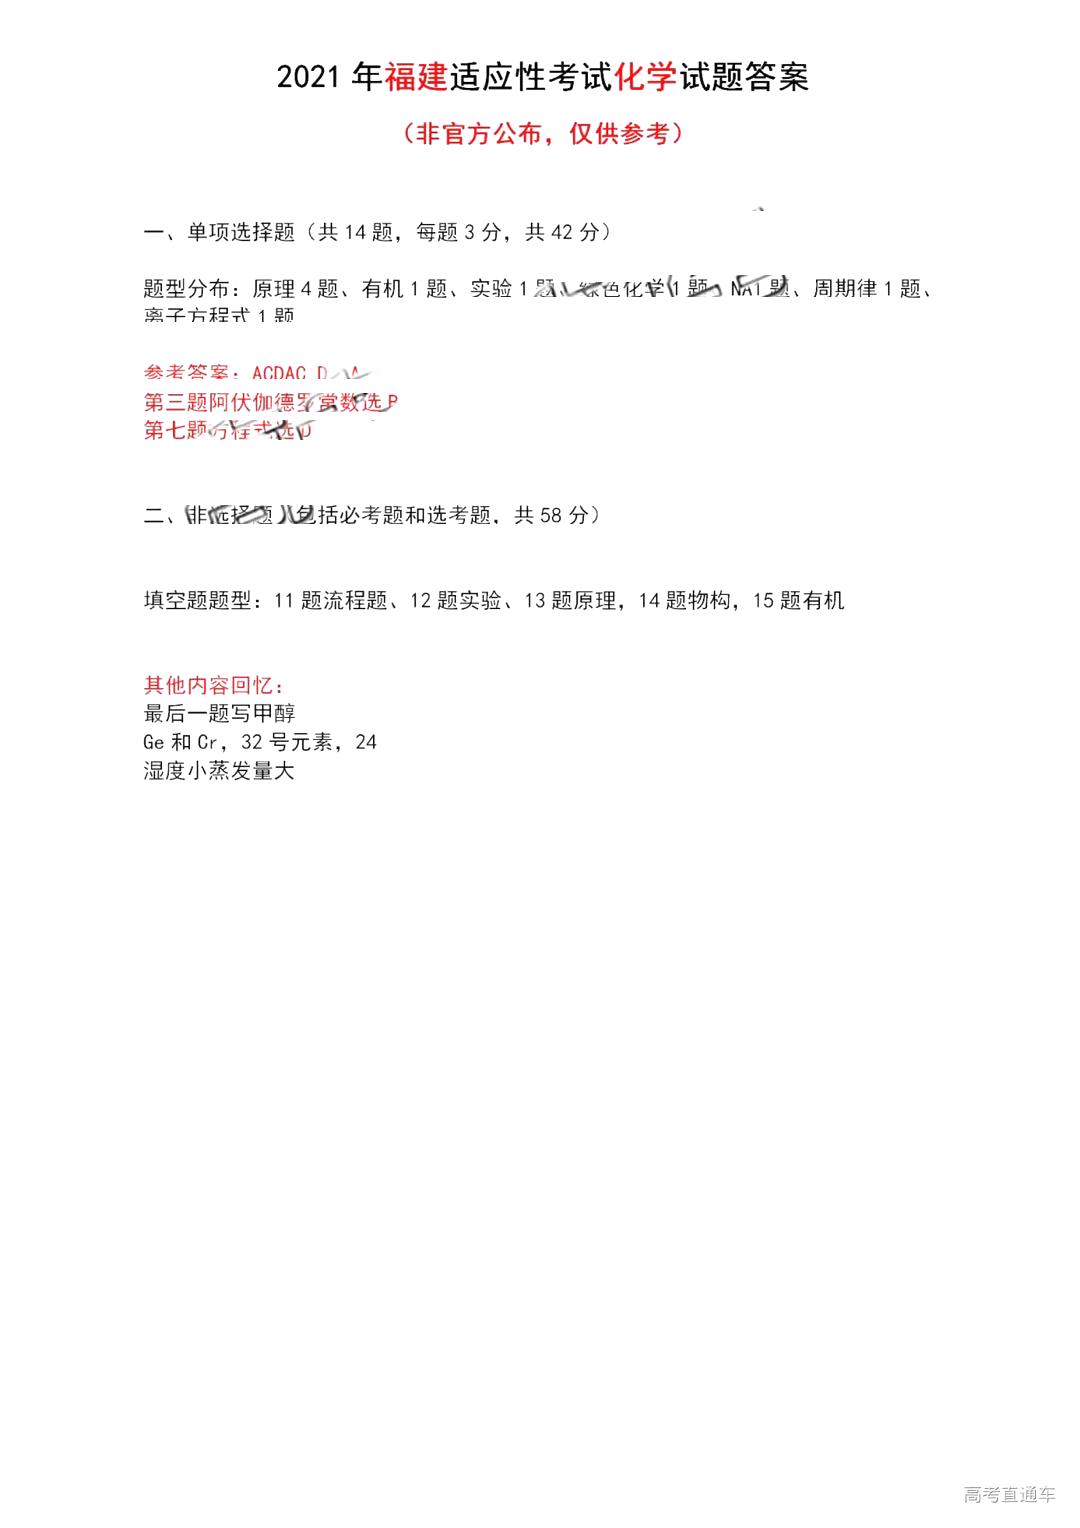 2021届八省联考福建普通高等学校招生全国统一考试化学试题答案(下载版)